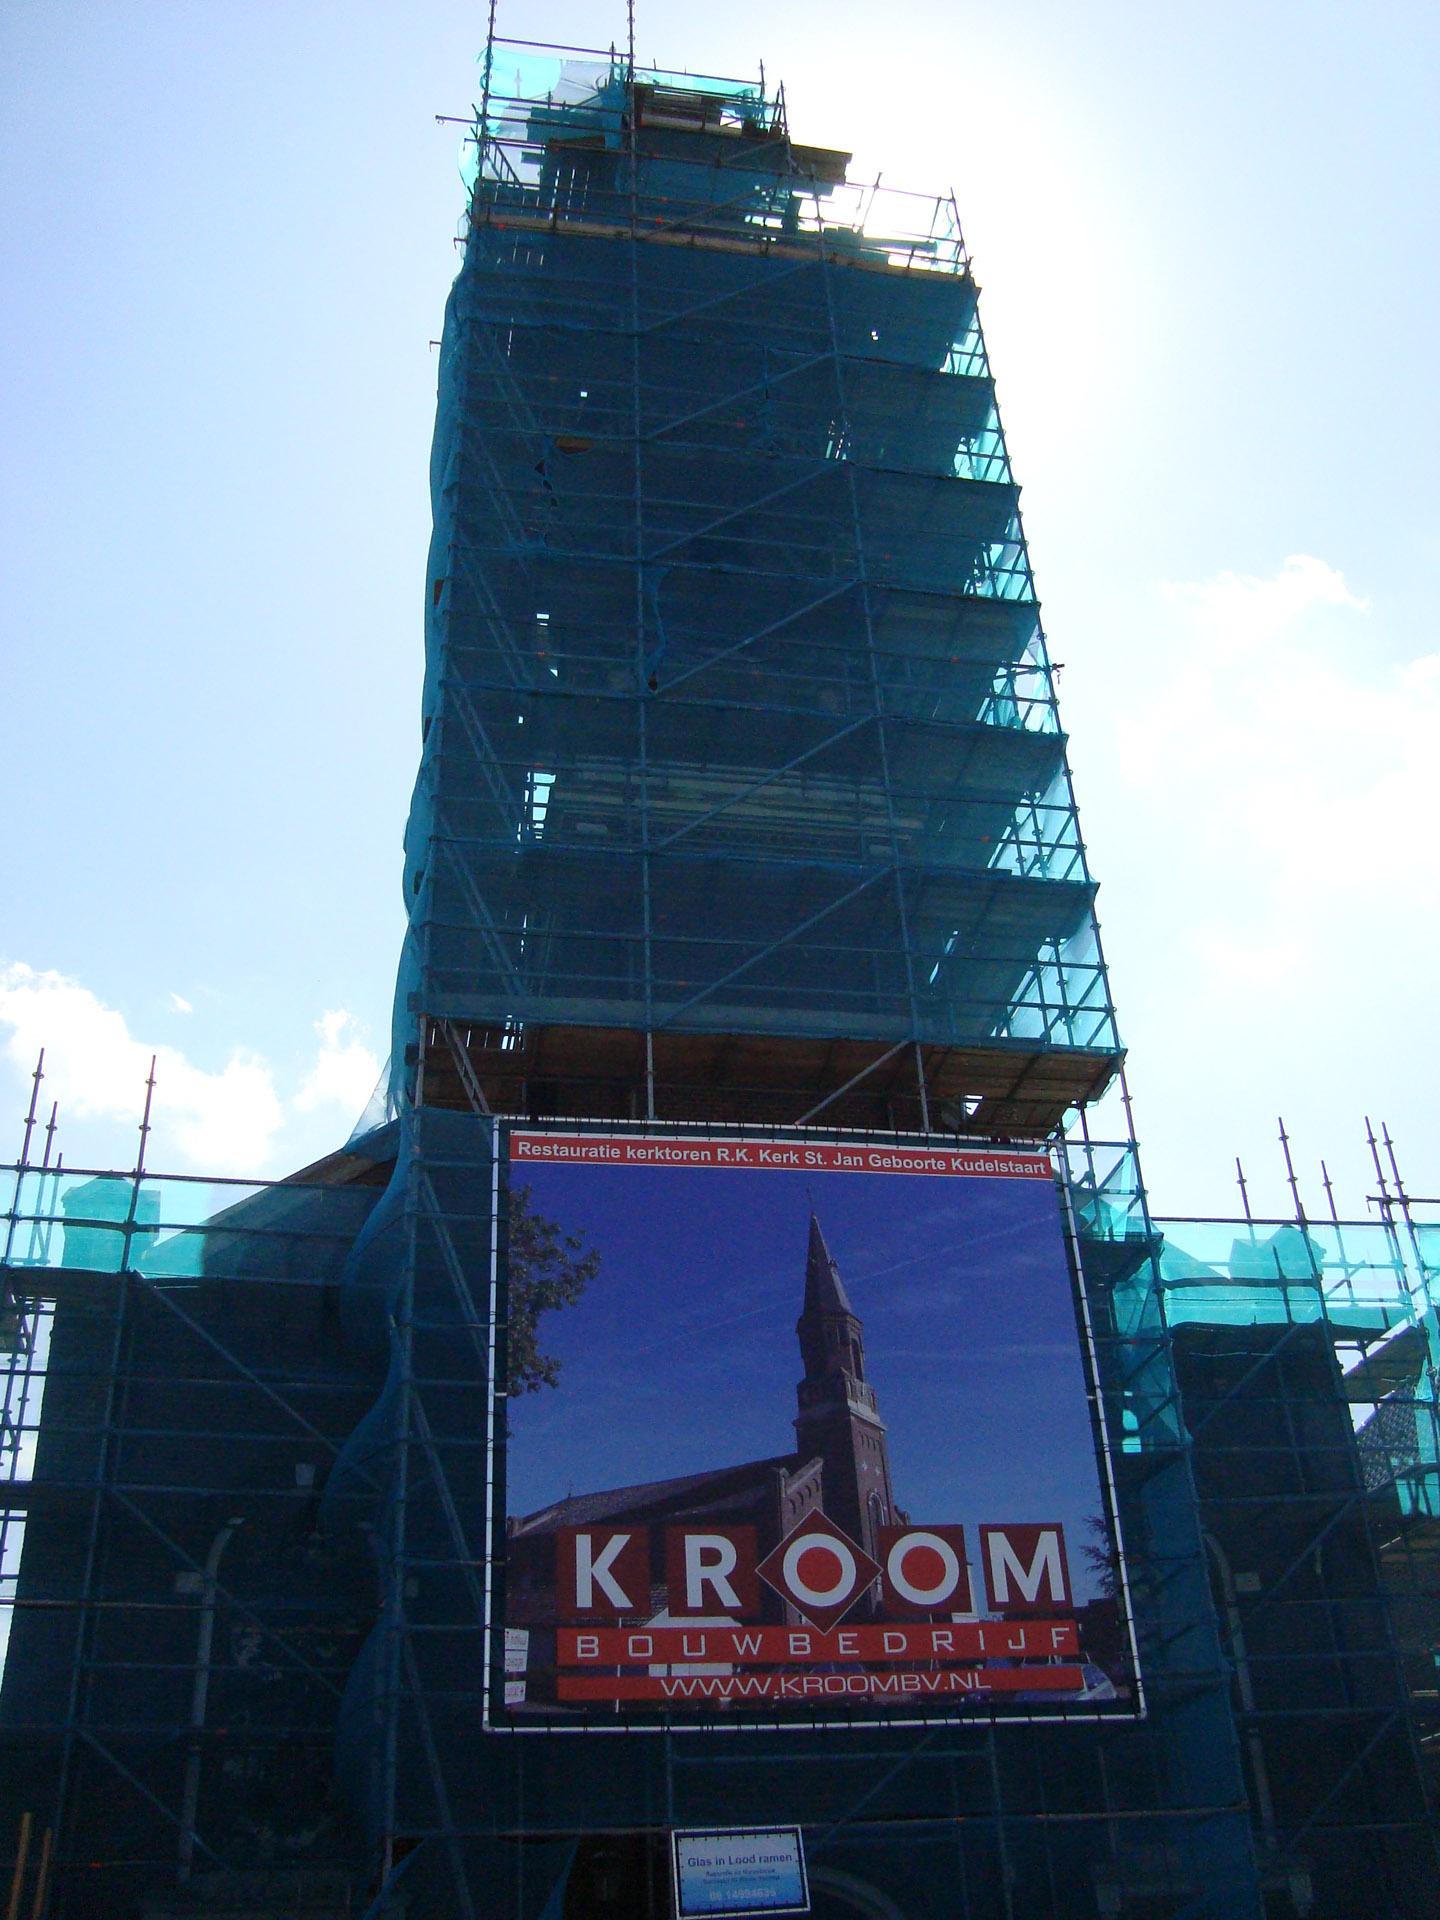 https://www.kroombv.nl/wp-content/uploads/2017/05/aannemersbedrijf_kroom_renovatie_kerktoren1.jpeg